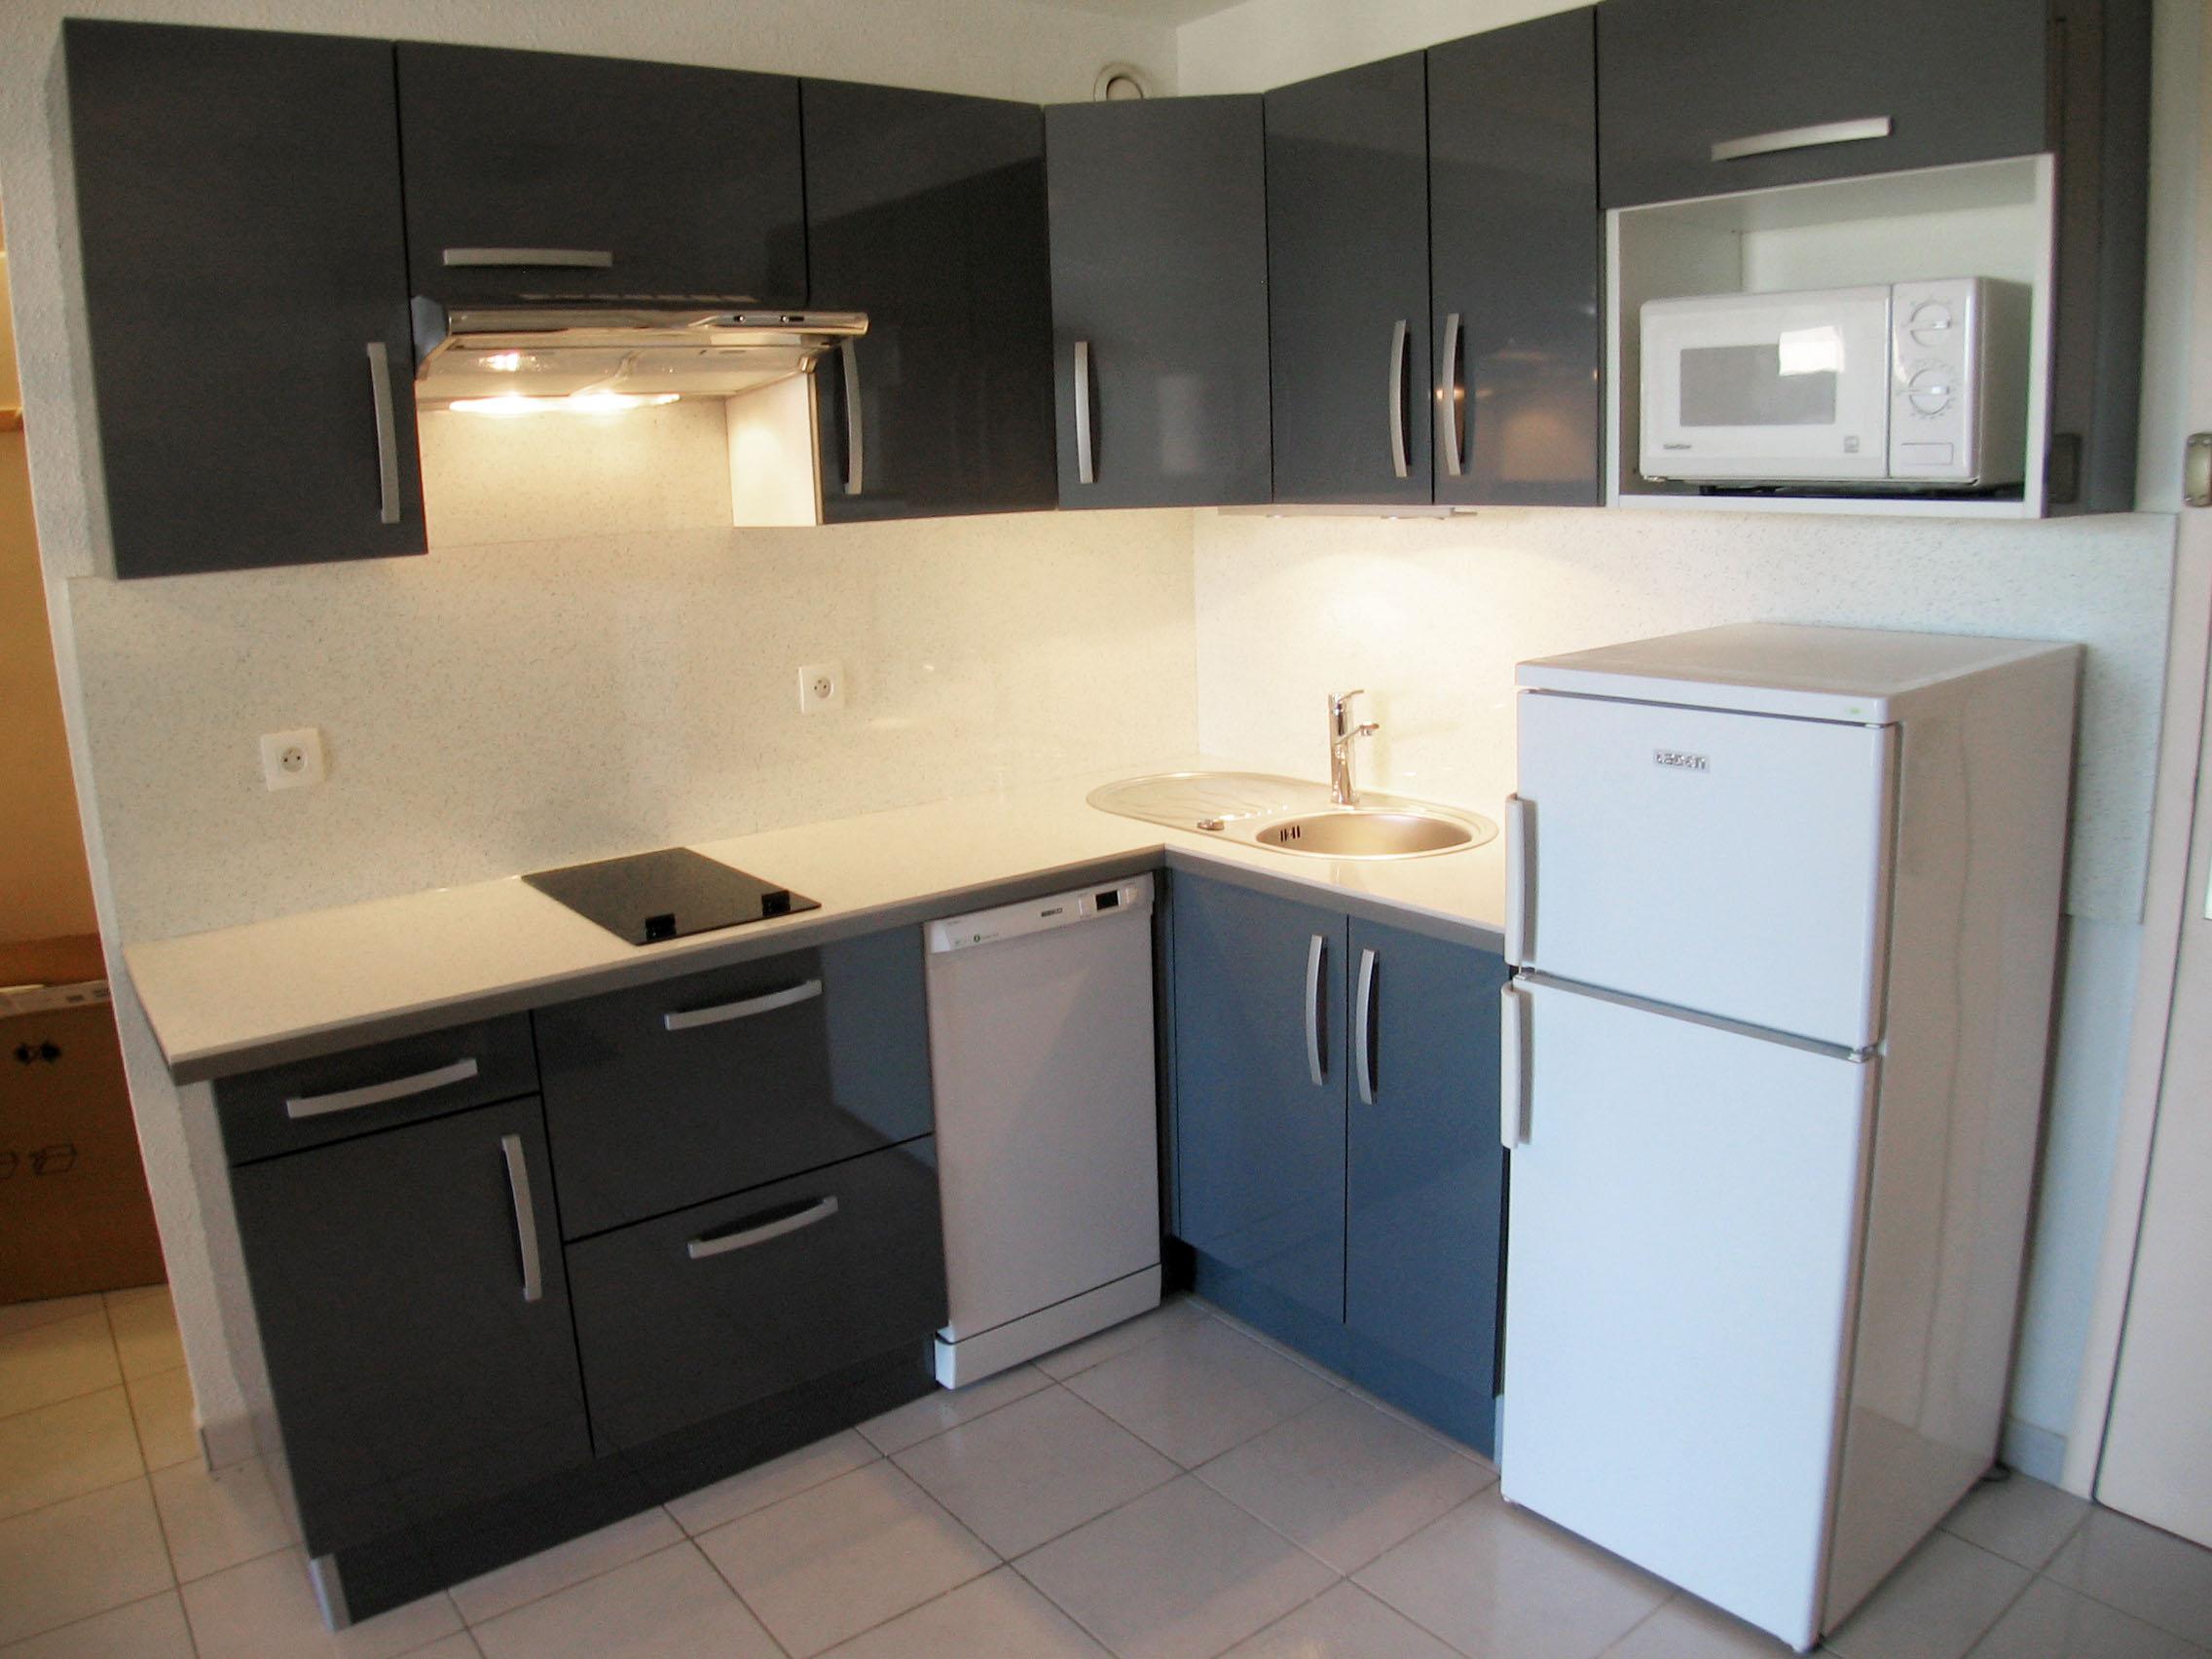 devis gratuit cuisine 05 nancy. Black Bedroom Furniture Sets. Home Design Ideas